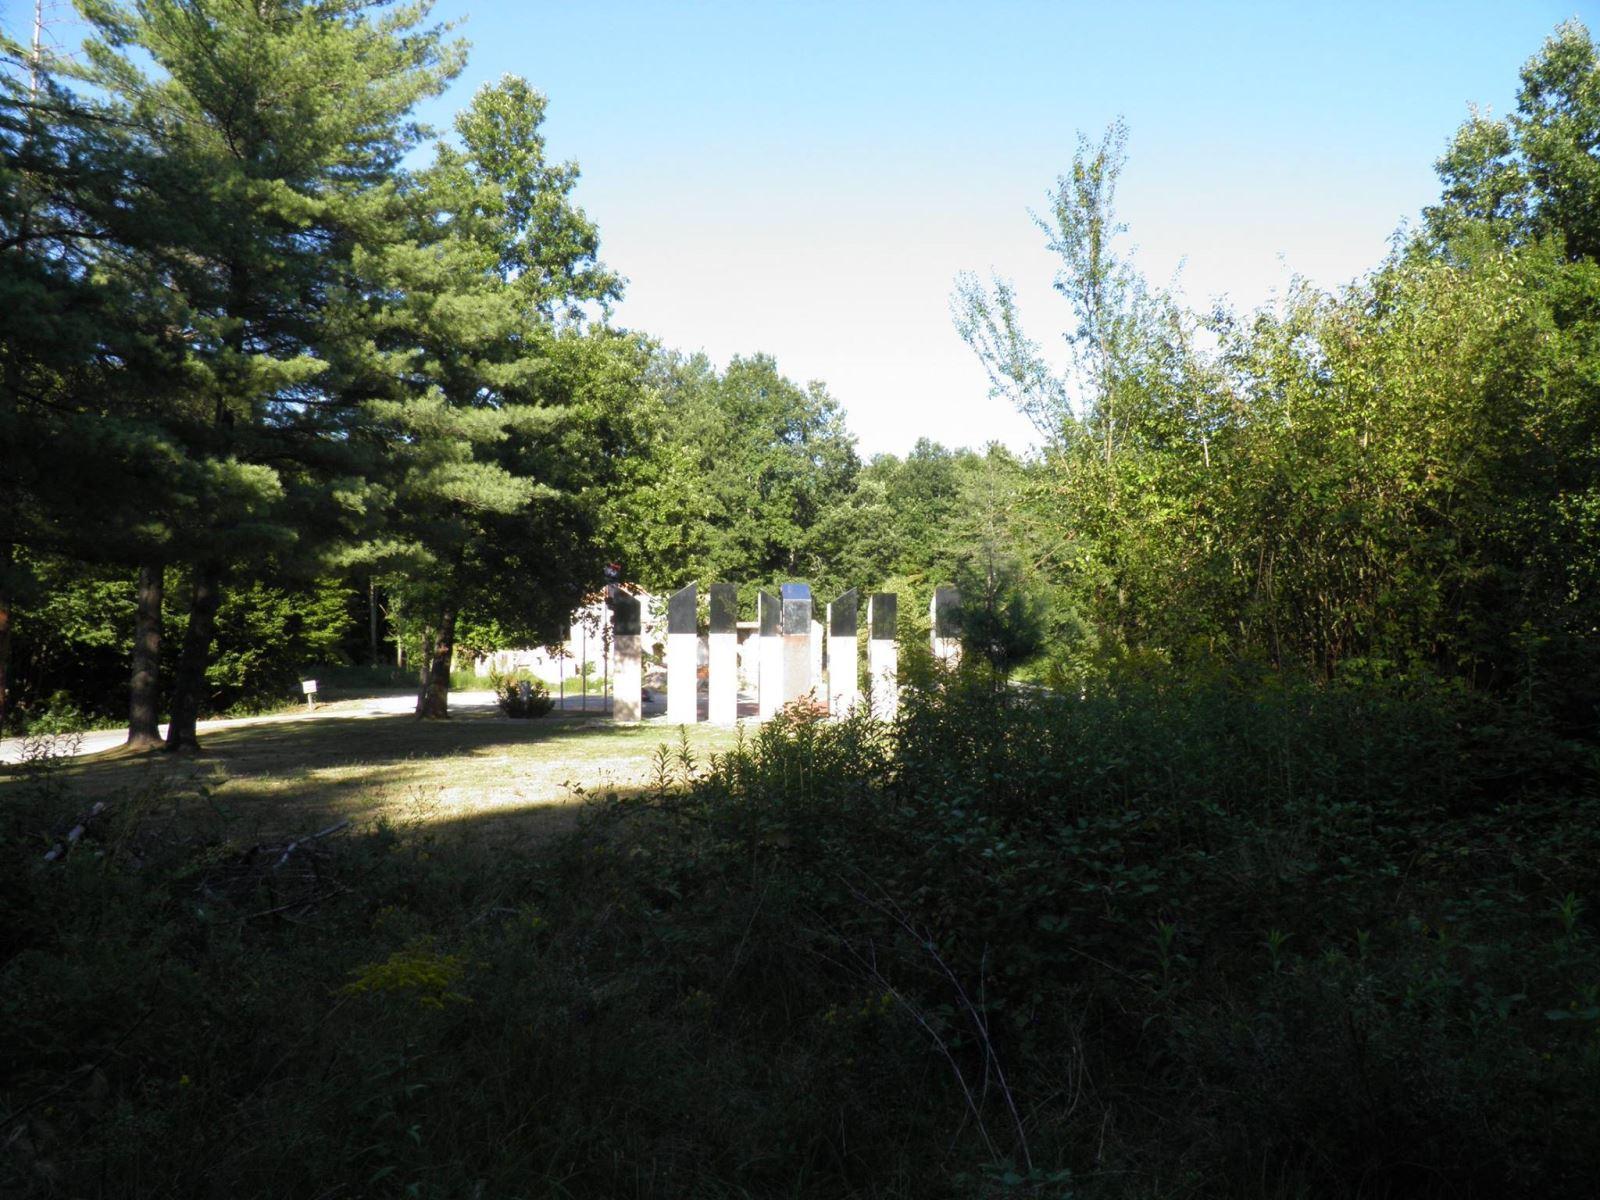 Pogled na spomenik poginulim braniteljima s lokacije miniranog spomenika i kosturnice palim borcima.